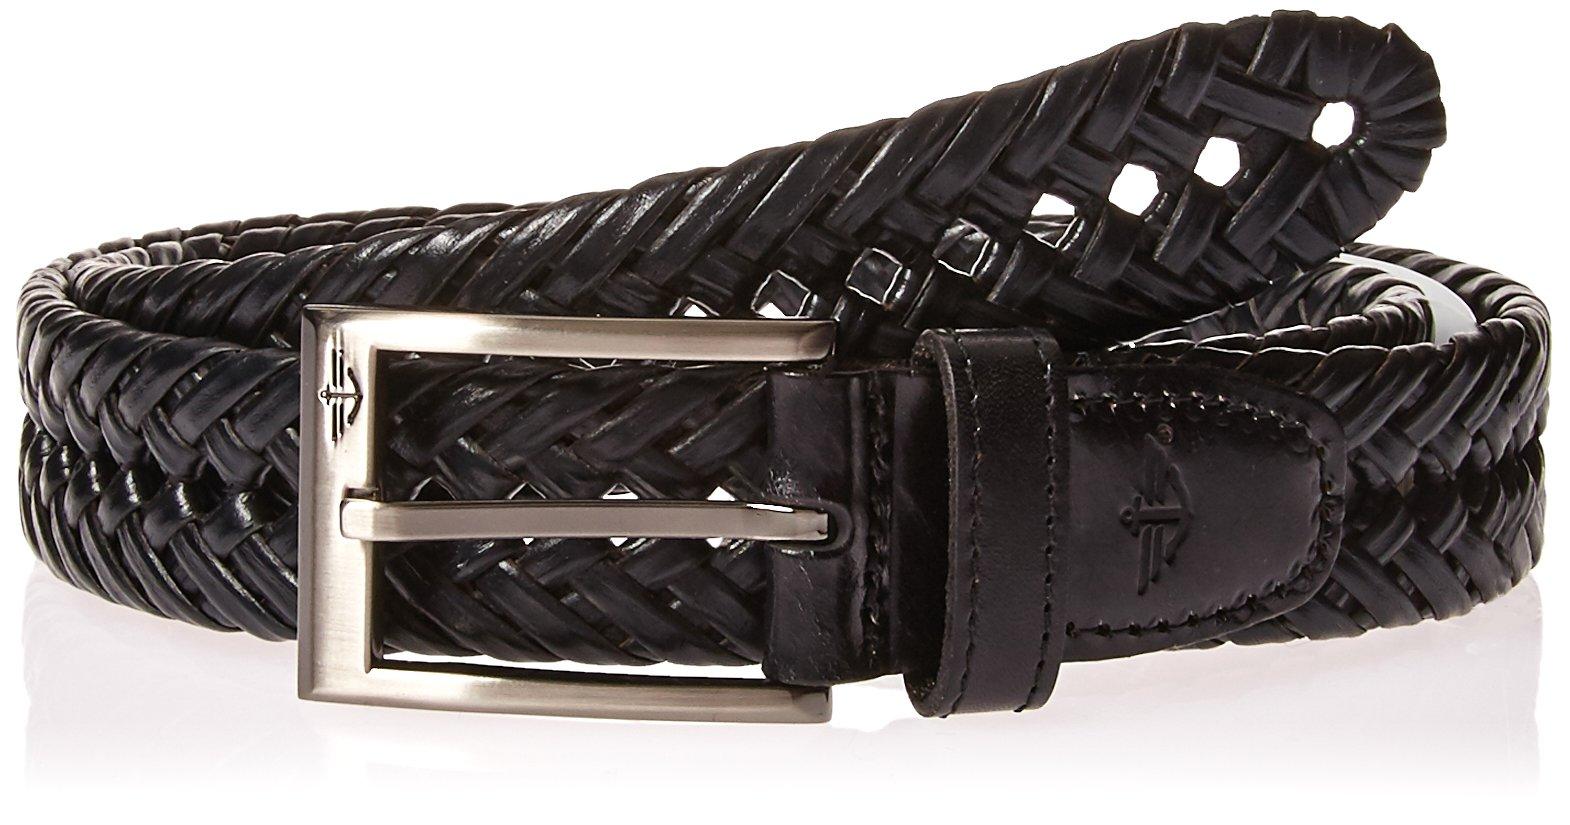 Dockers Men's 1 3/16 In. Glazed Top Braided Belt-black/silver buckley, 42